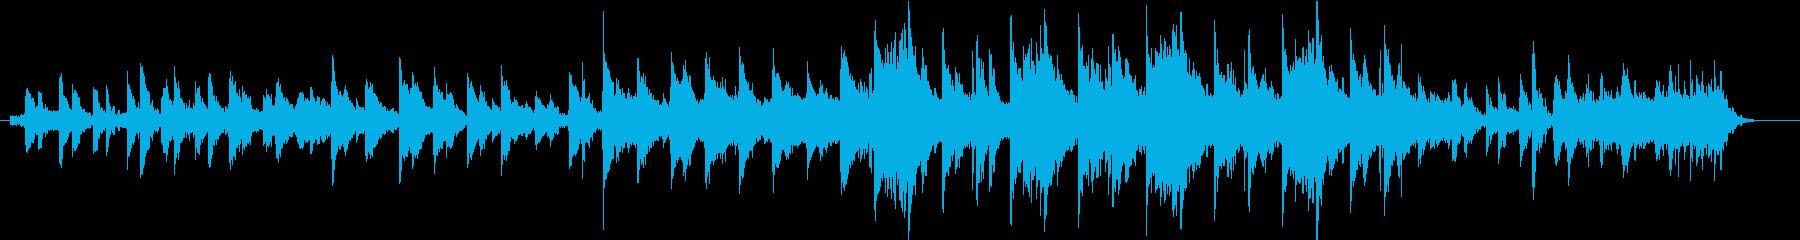 神秘的で幻想的な楽曲の再生済みの波形